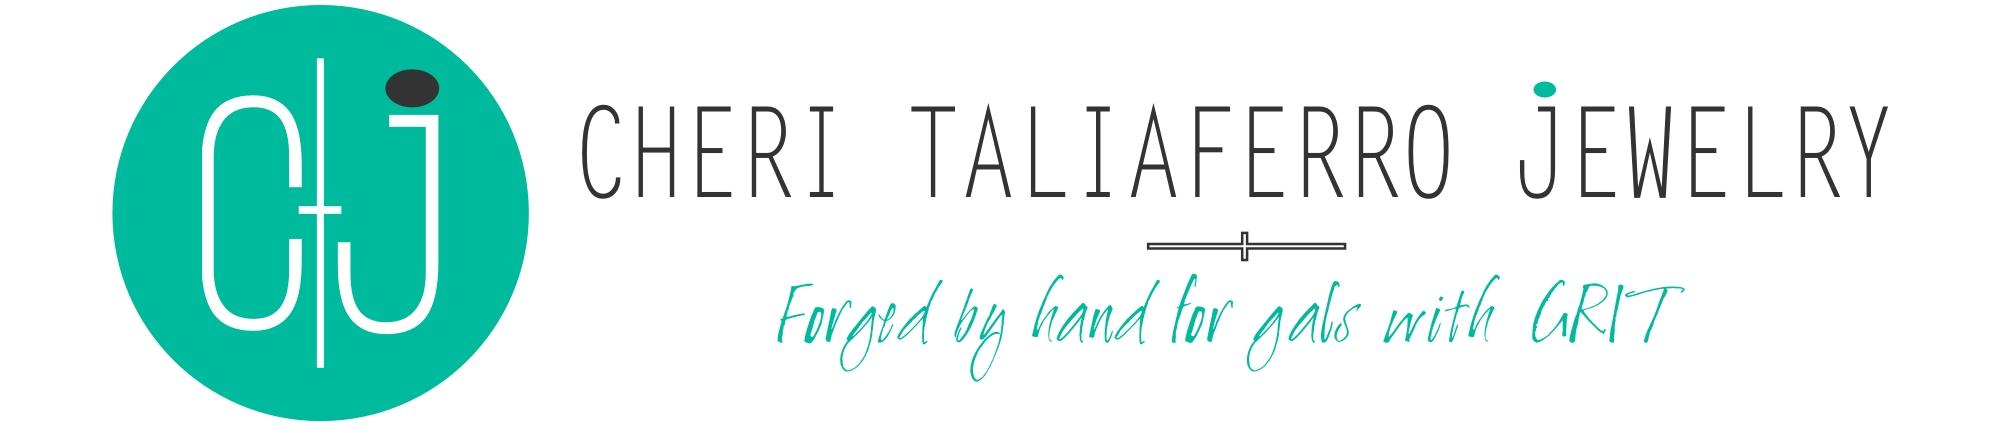 Cheri Taliaferro Jewelry